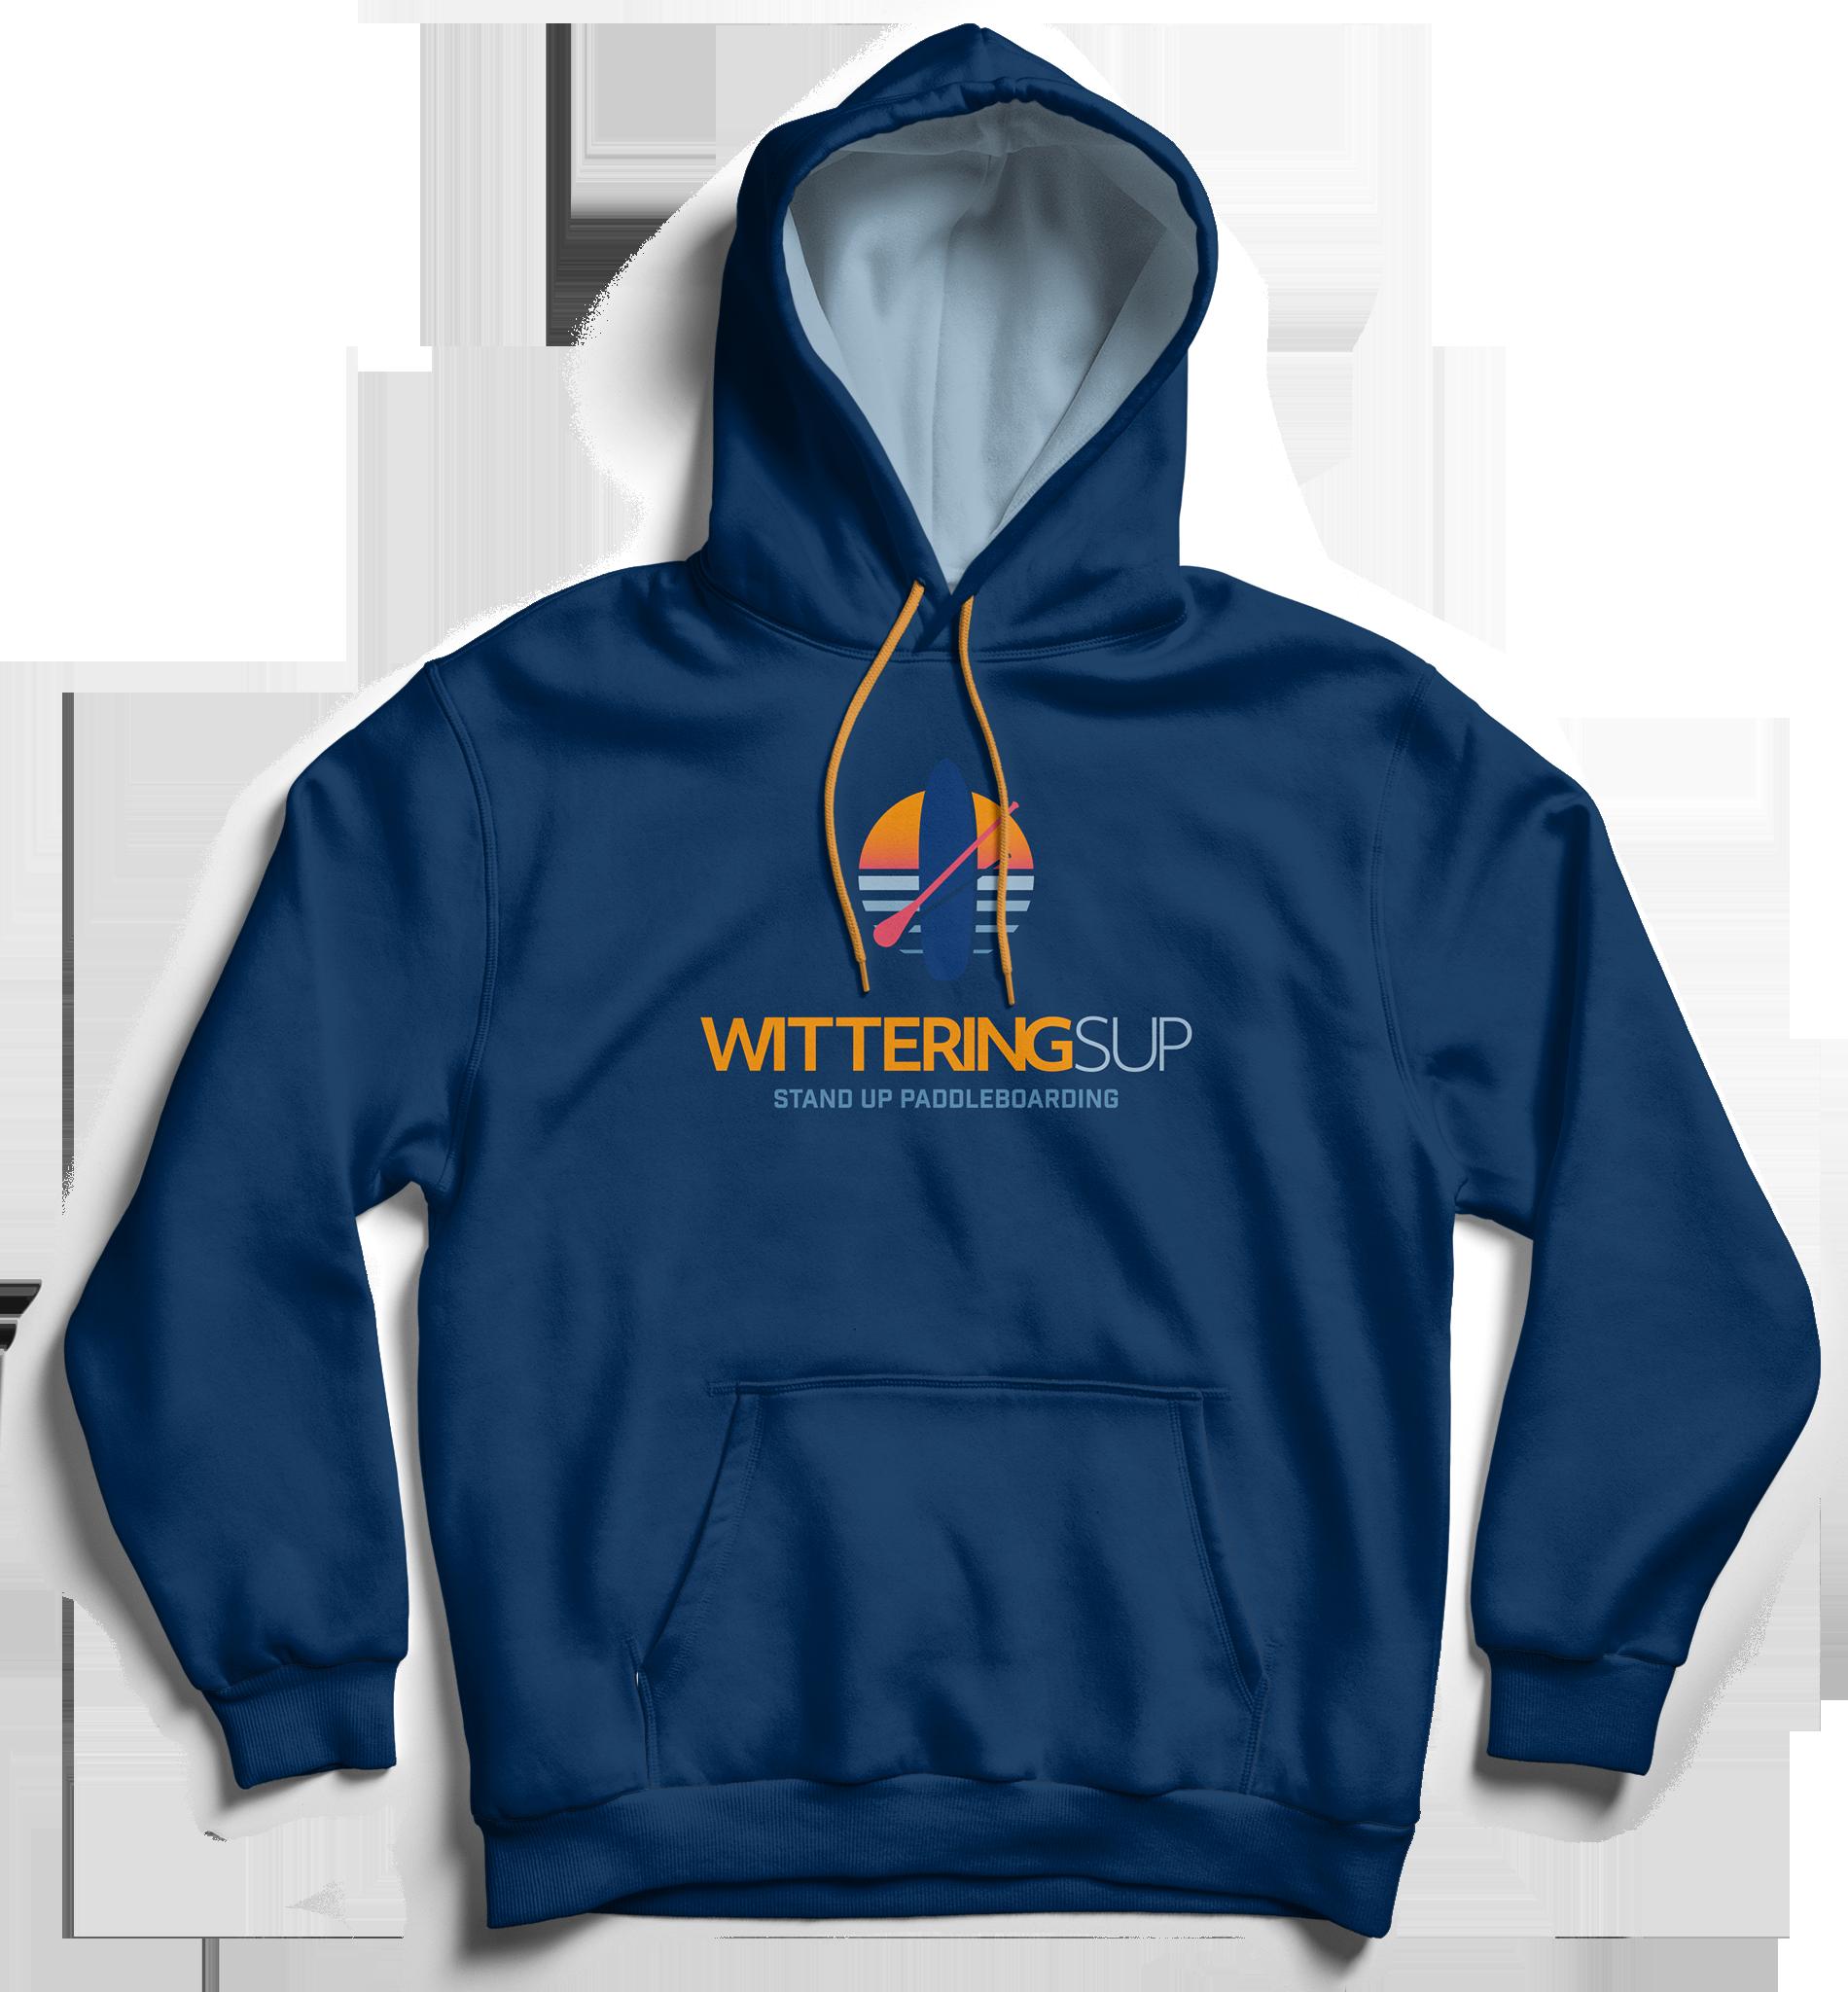 Wittering SUP branded merchandise dark blue hoodie with logo